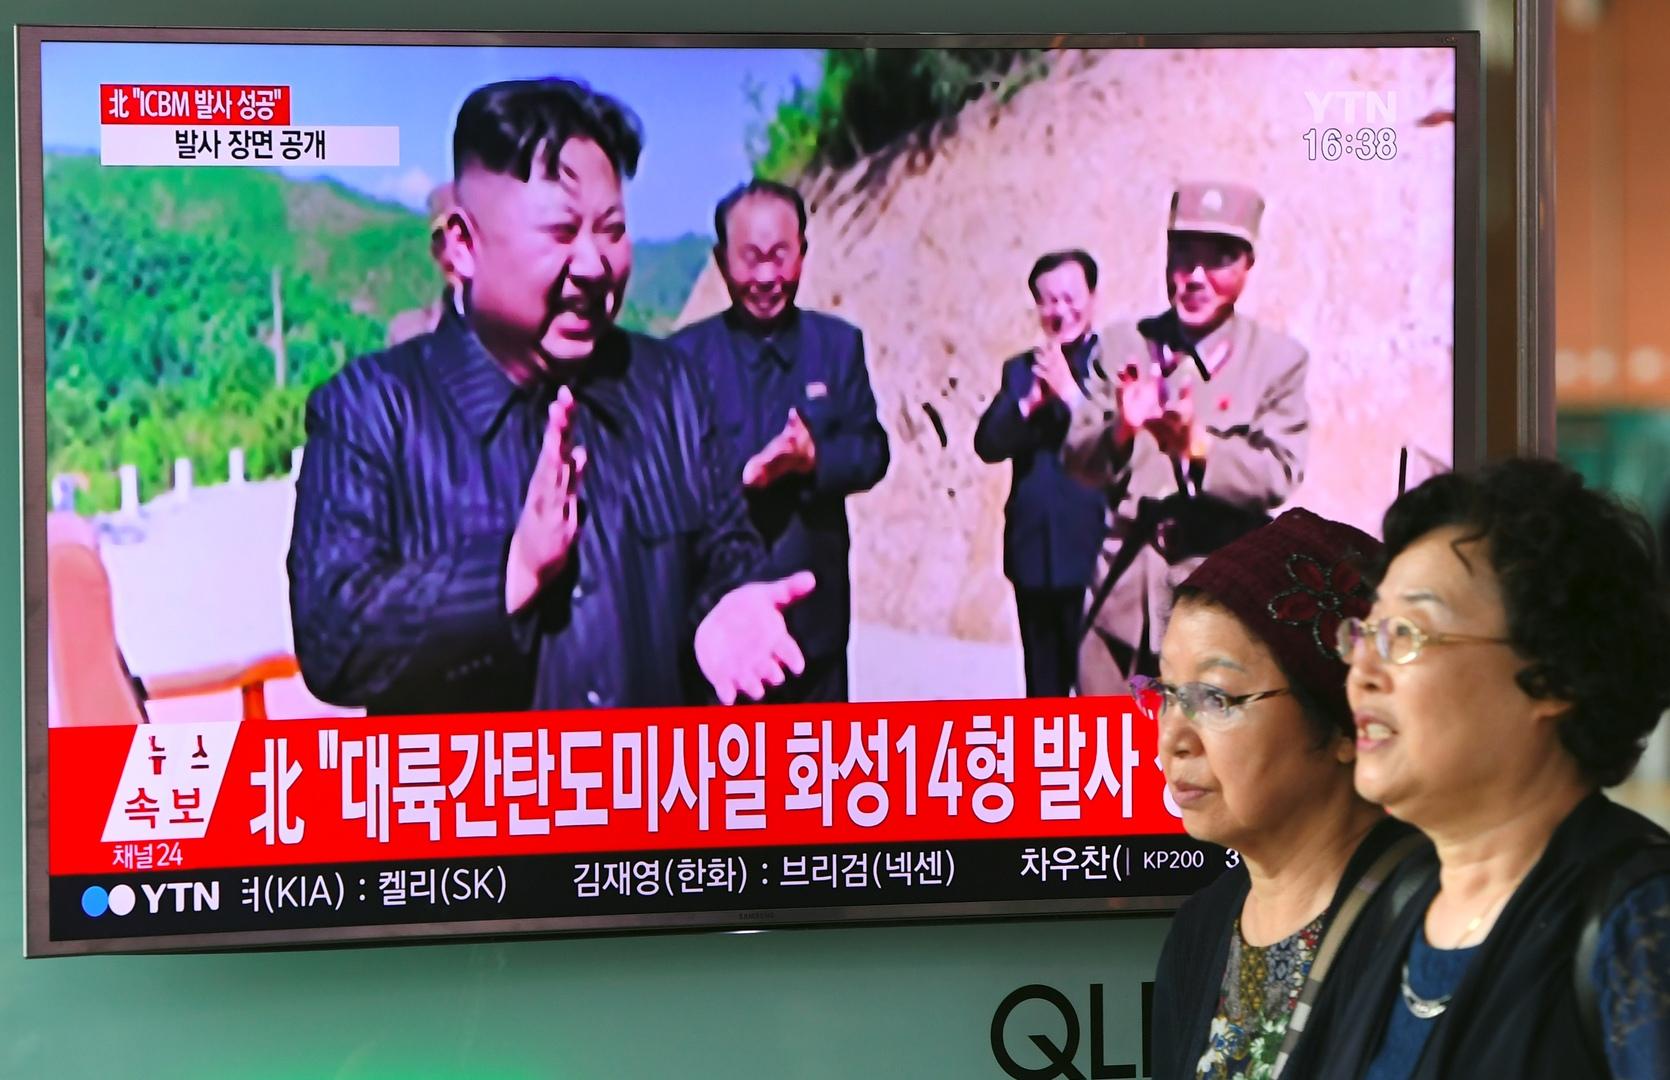 تقرير أممي: كوريا الشمالية قد تكون طورت أجهزة نووية لصواريخها الباليستية